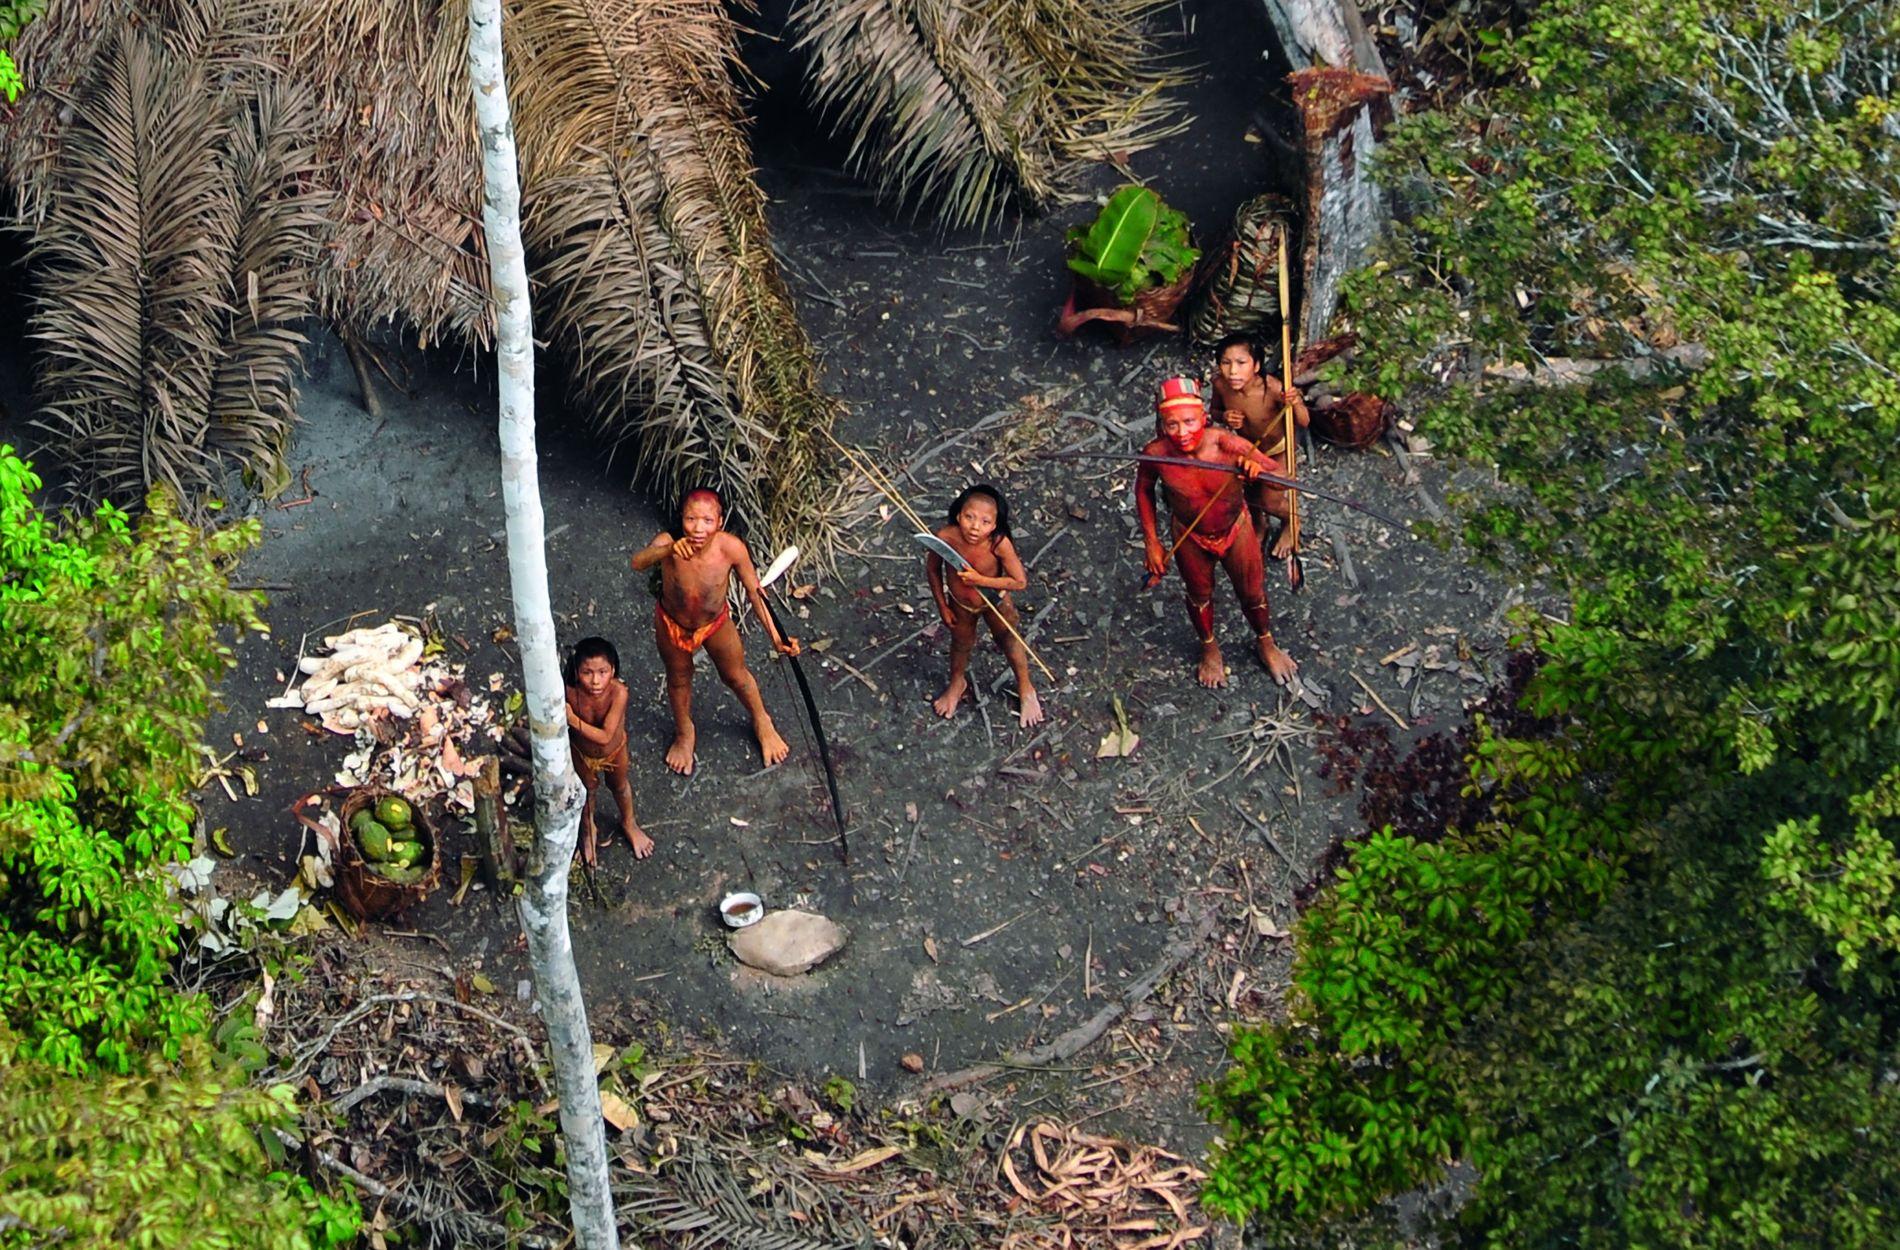 Eine Gruppe isoliert lebender Indigener im Regenwald Brasiliens nahe Peru. http://www.uncontactedtribes.org/fotosbrasilien